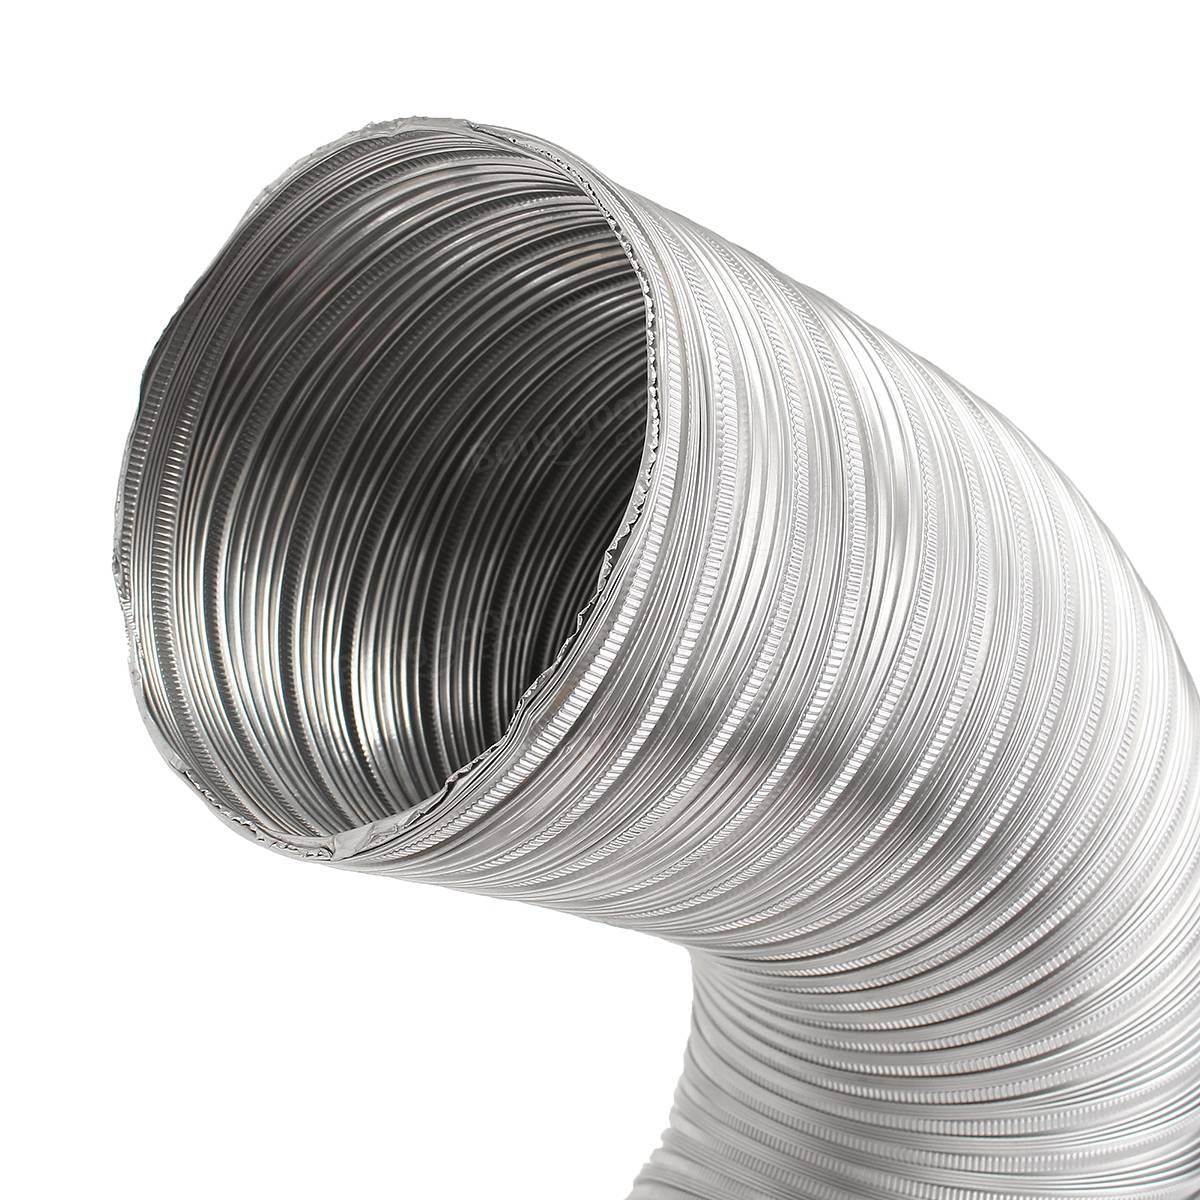 Duto de Alumínio Semi Rígido (Rolo c/ 3,0 mts)